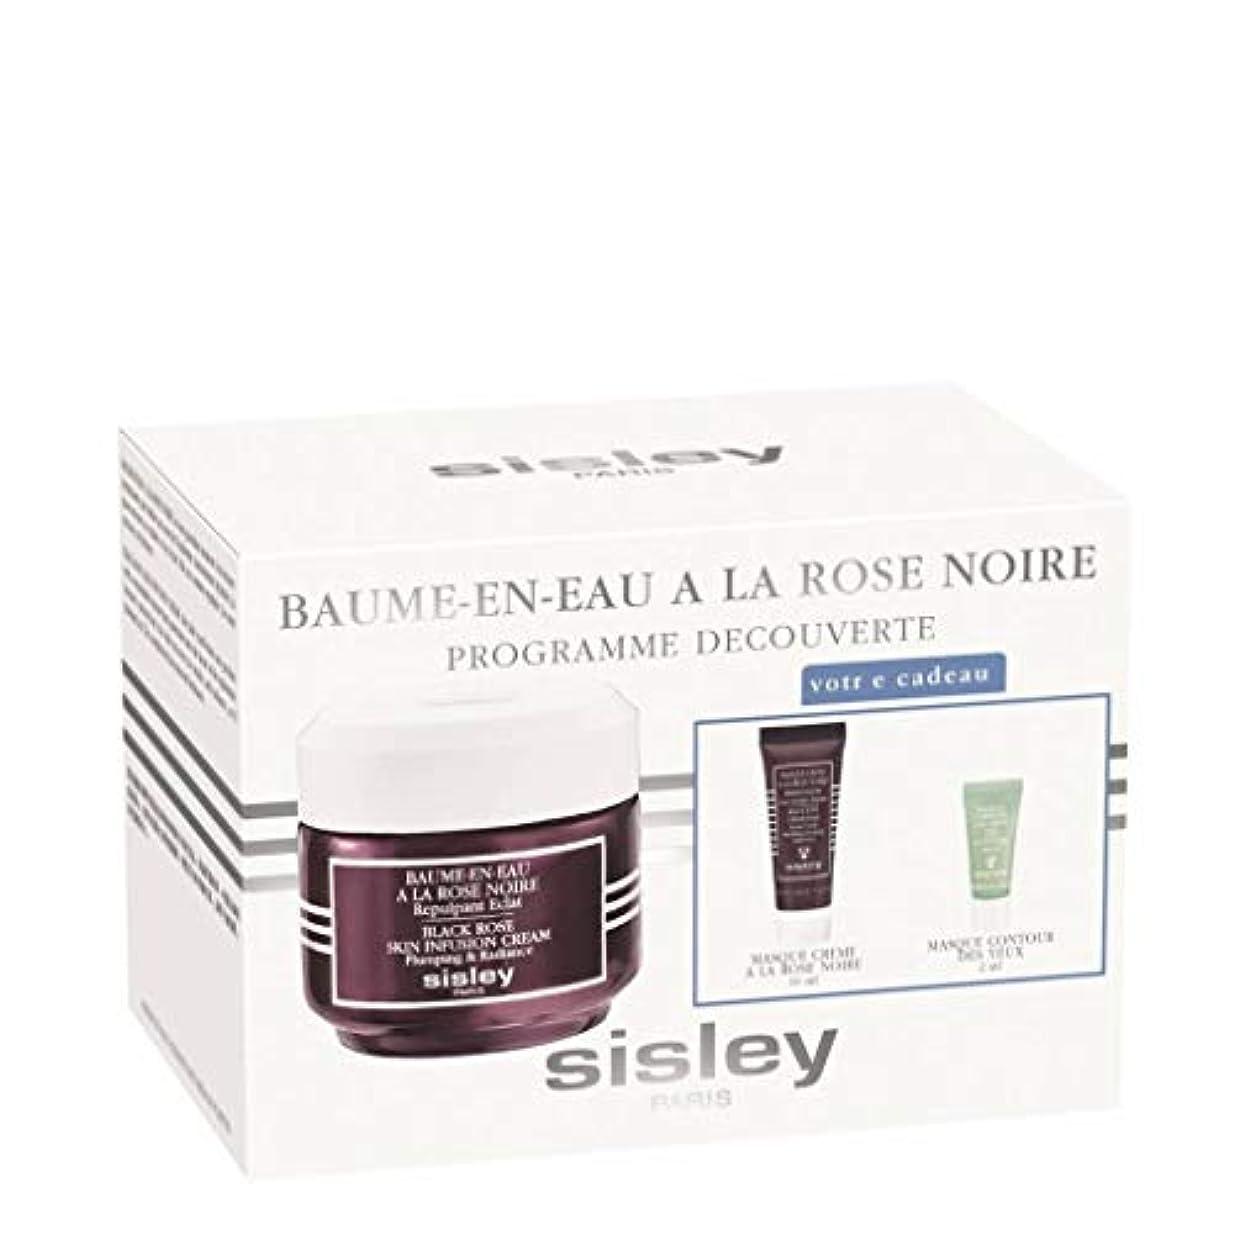 計算曲線上にシスレー Black Rose Skin Infusion Cream Discovery Program: Black Rose Skin Infusion Cream 50ml+Black Rose Cream Mask...